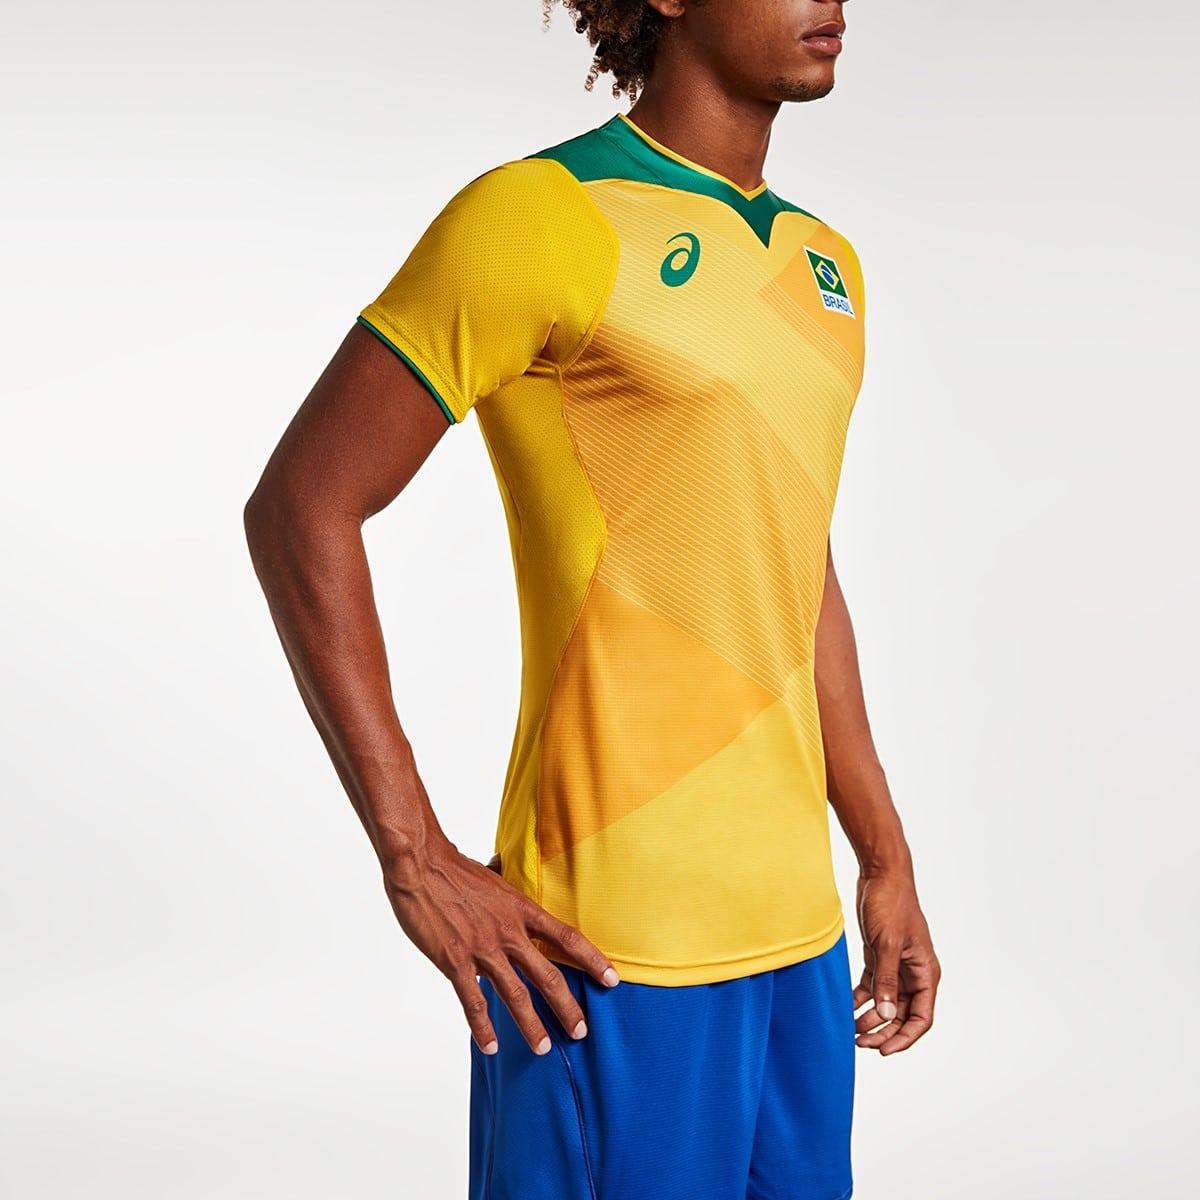 uniforme da seleção brasileira de vôlei para os jogos olímpicos de tóquio